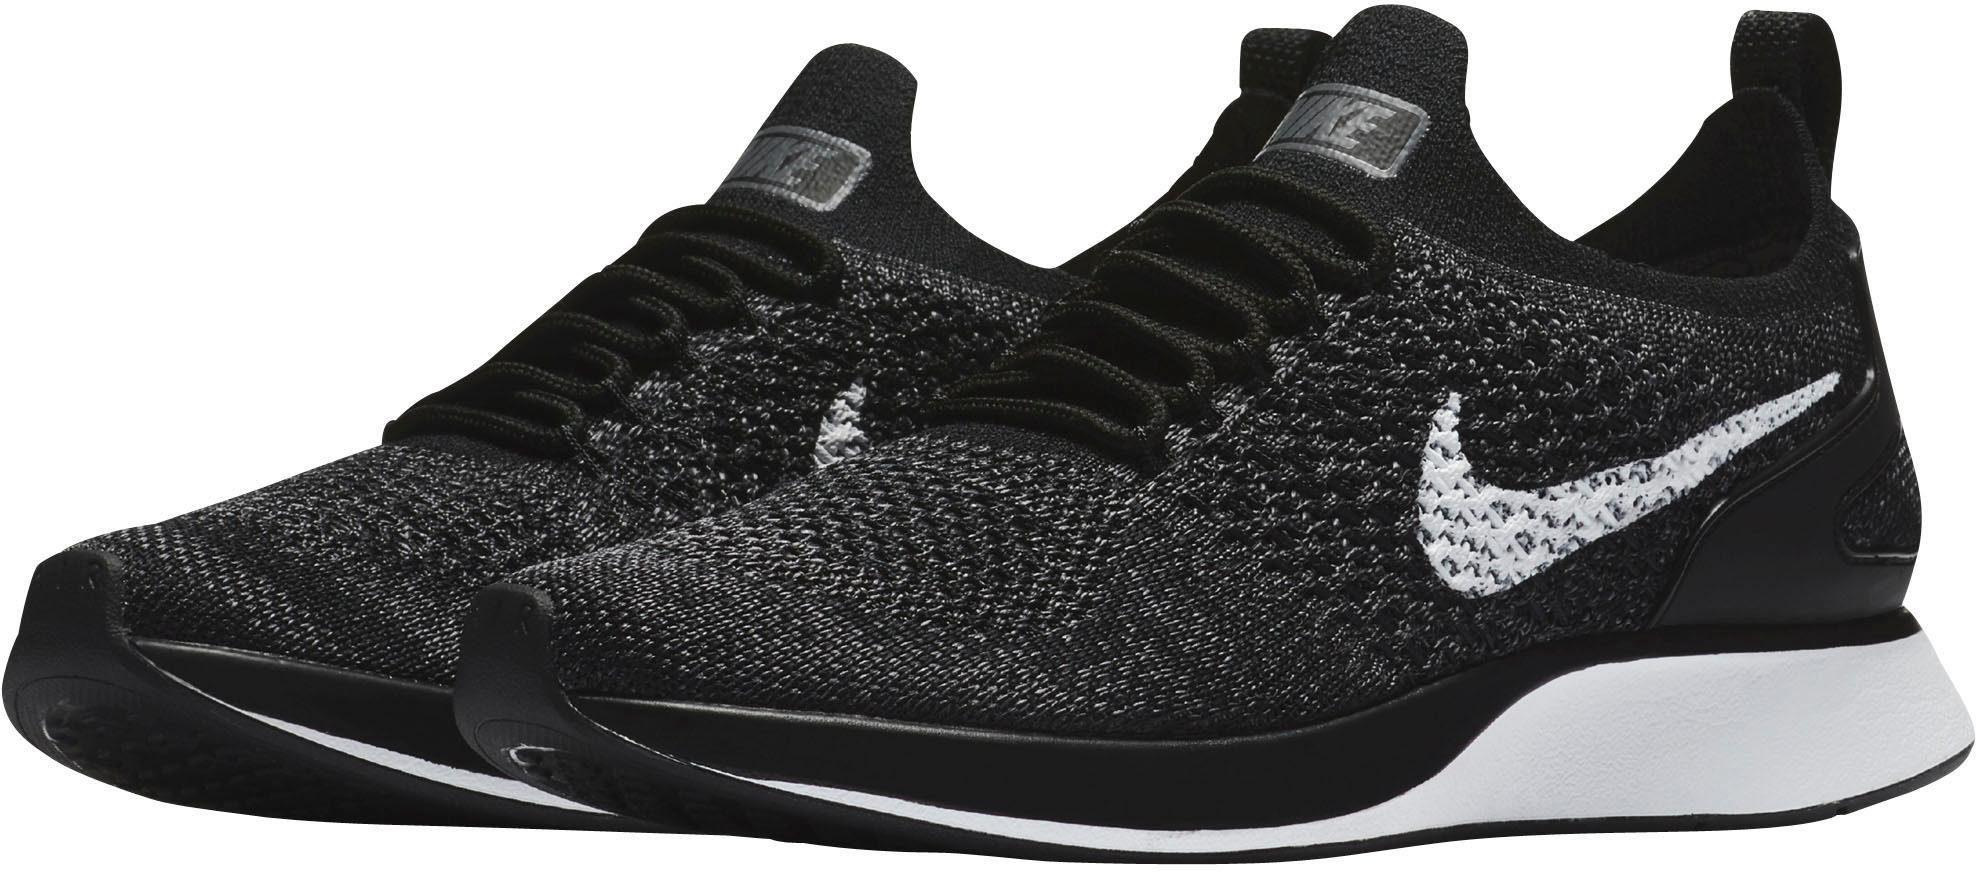 Nike Sportswear Wmns Air Zoom Mariah Flyknit Racer Sneaker online kaufen  schwarz-meliert